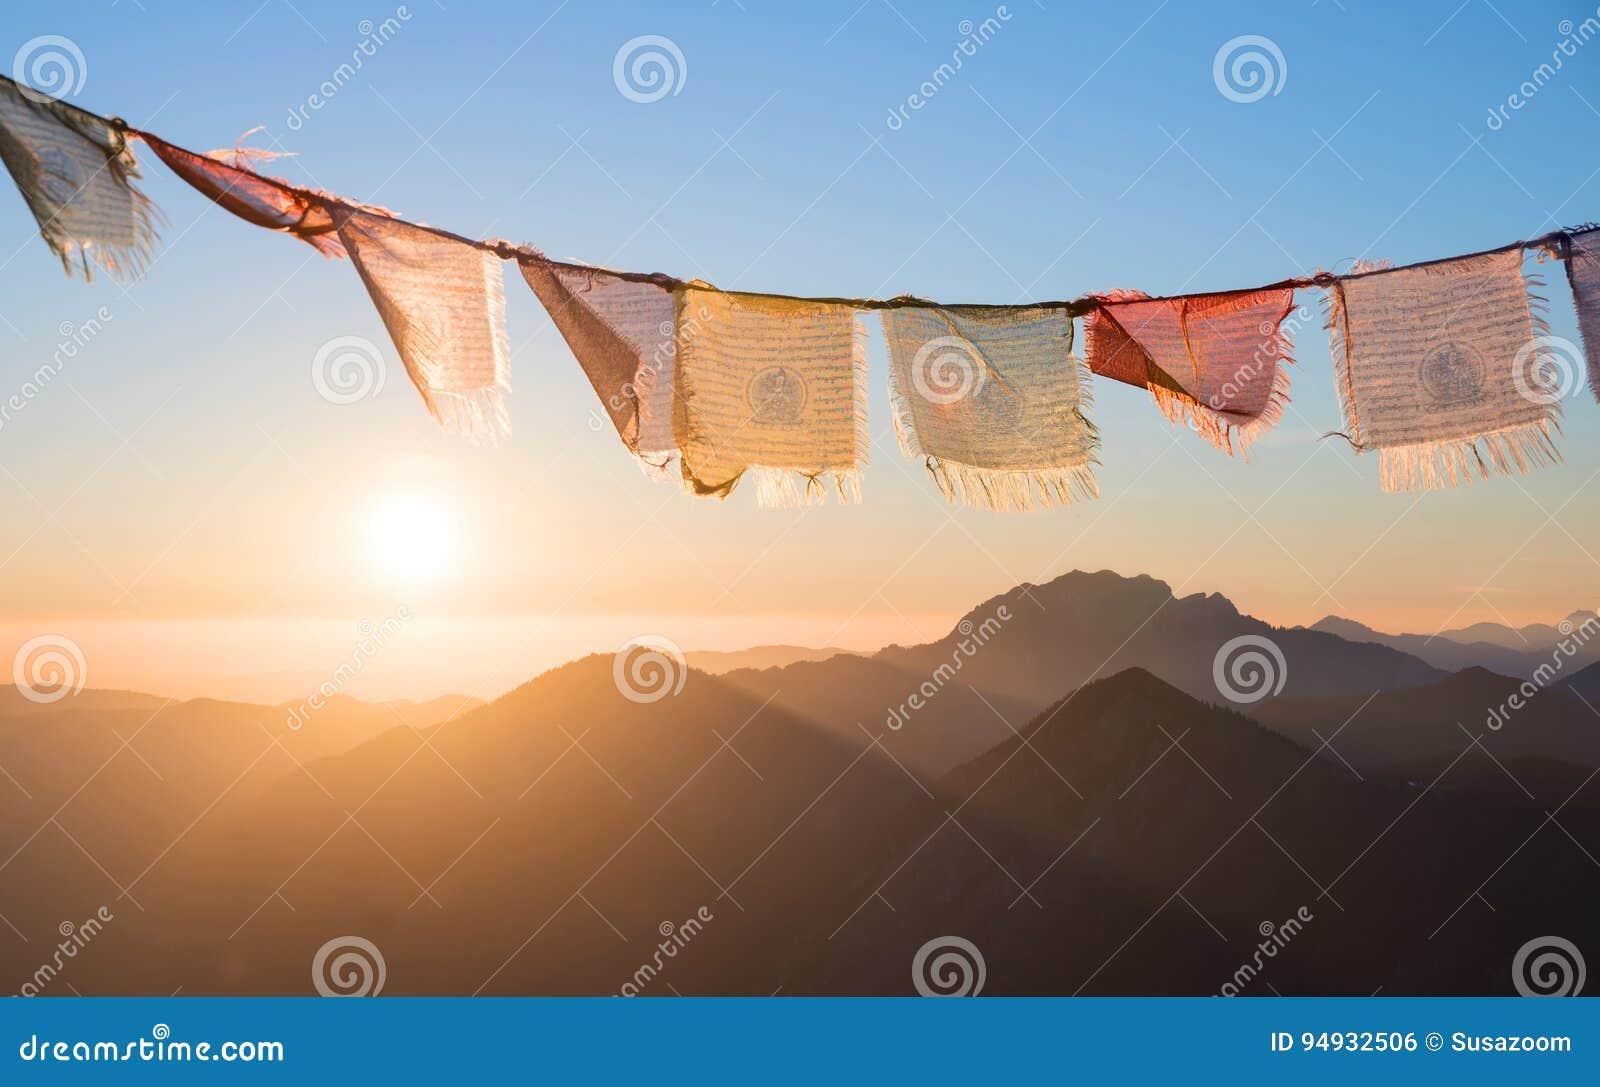 Nascer do sol nas montanhas, bandeiras coloridas da oração